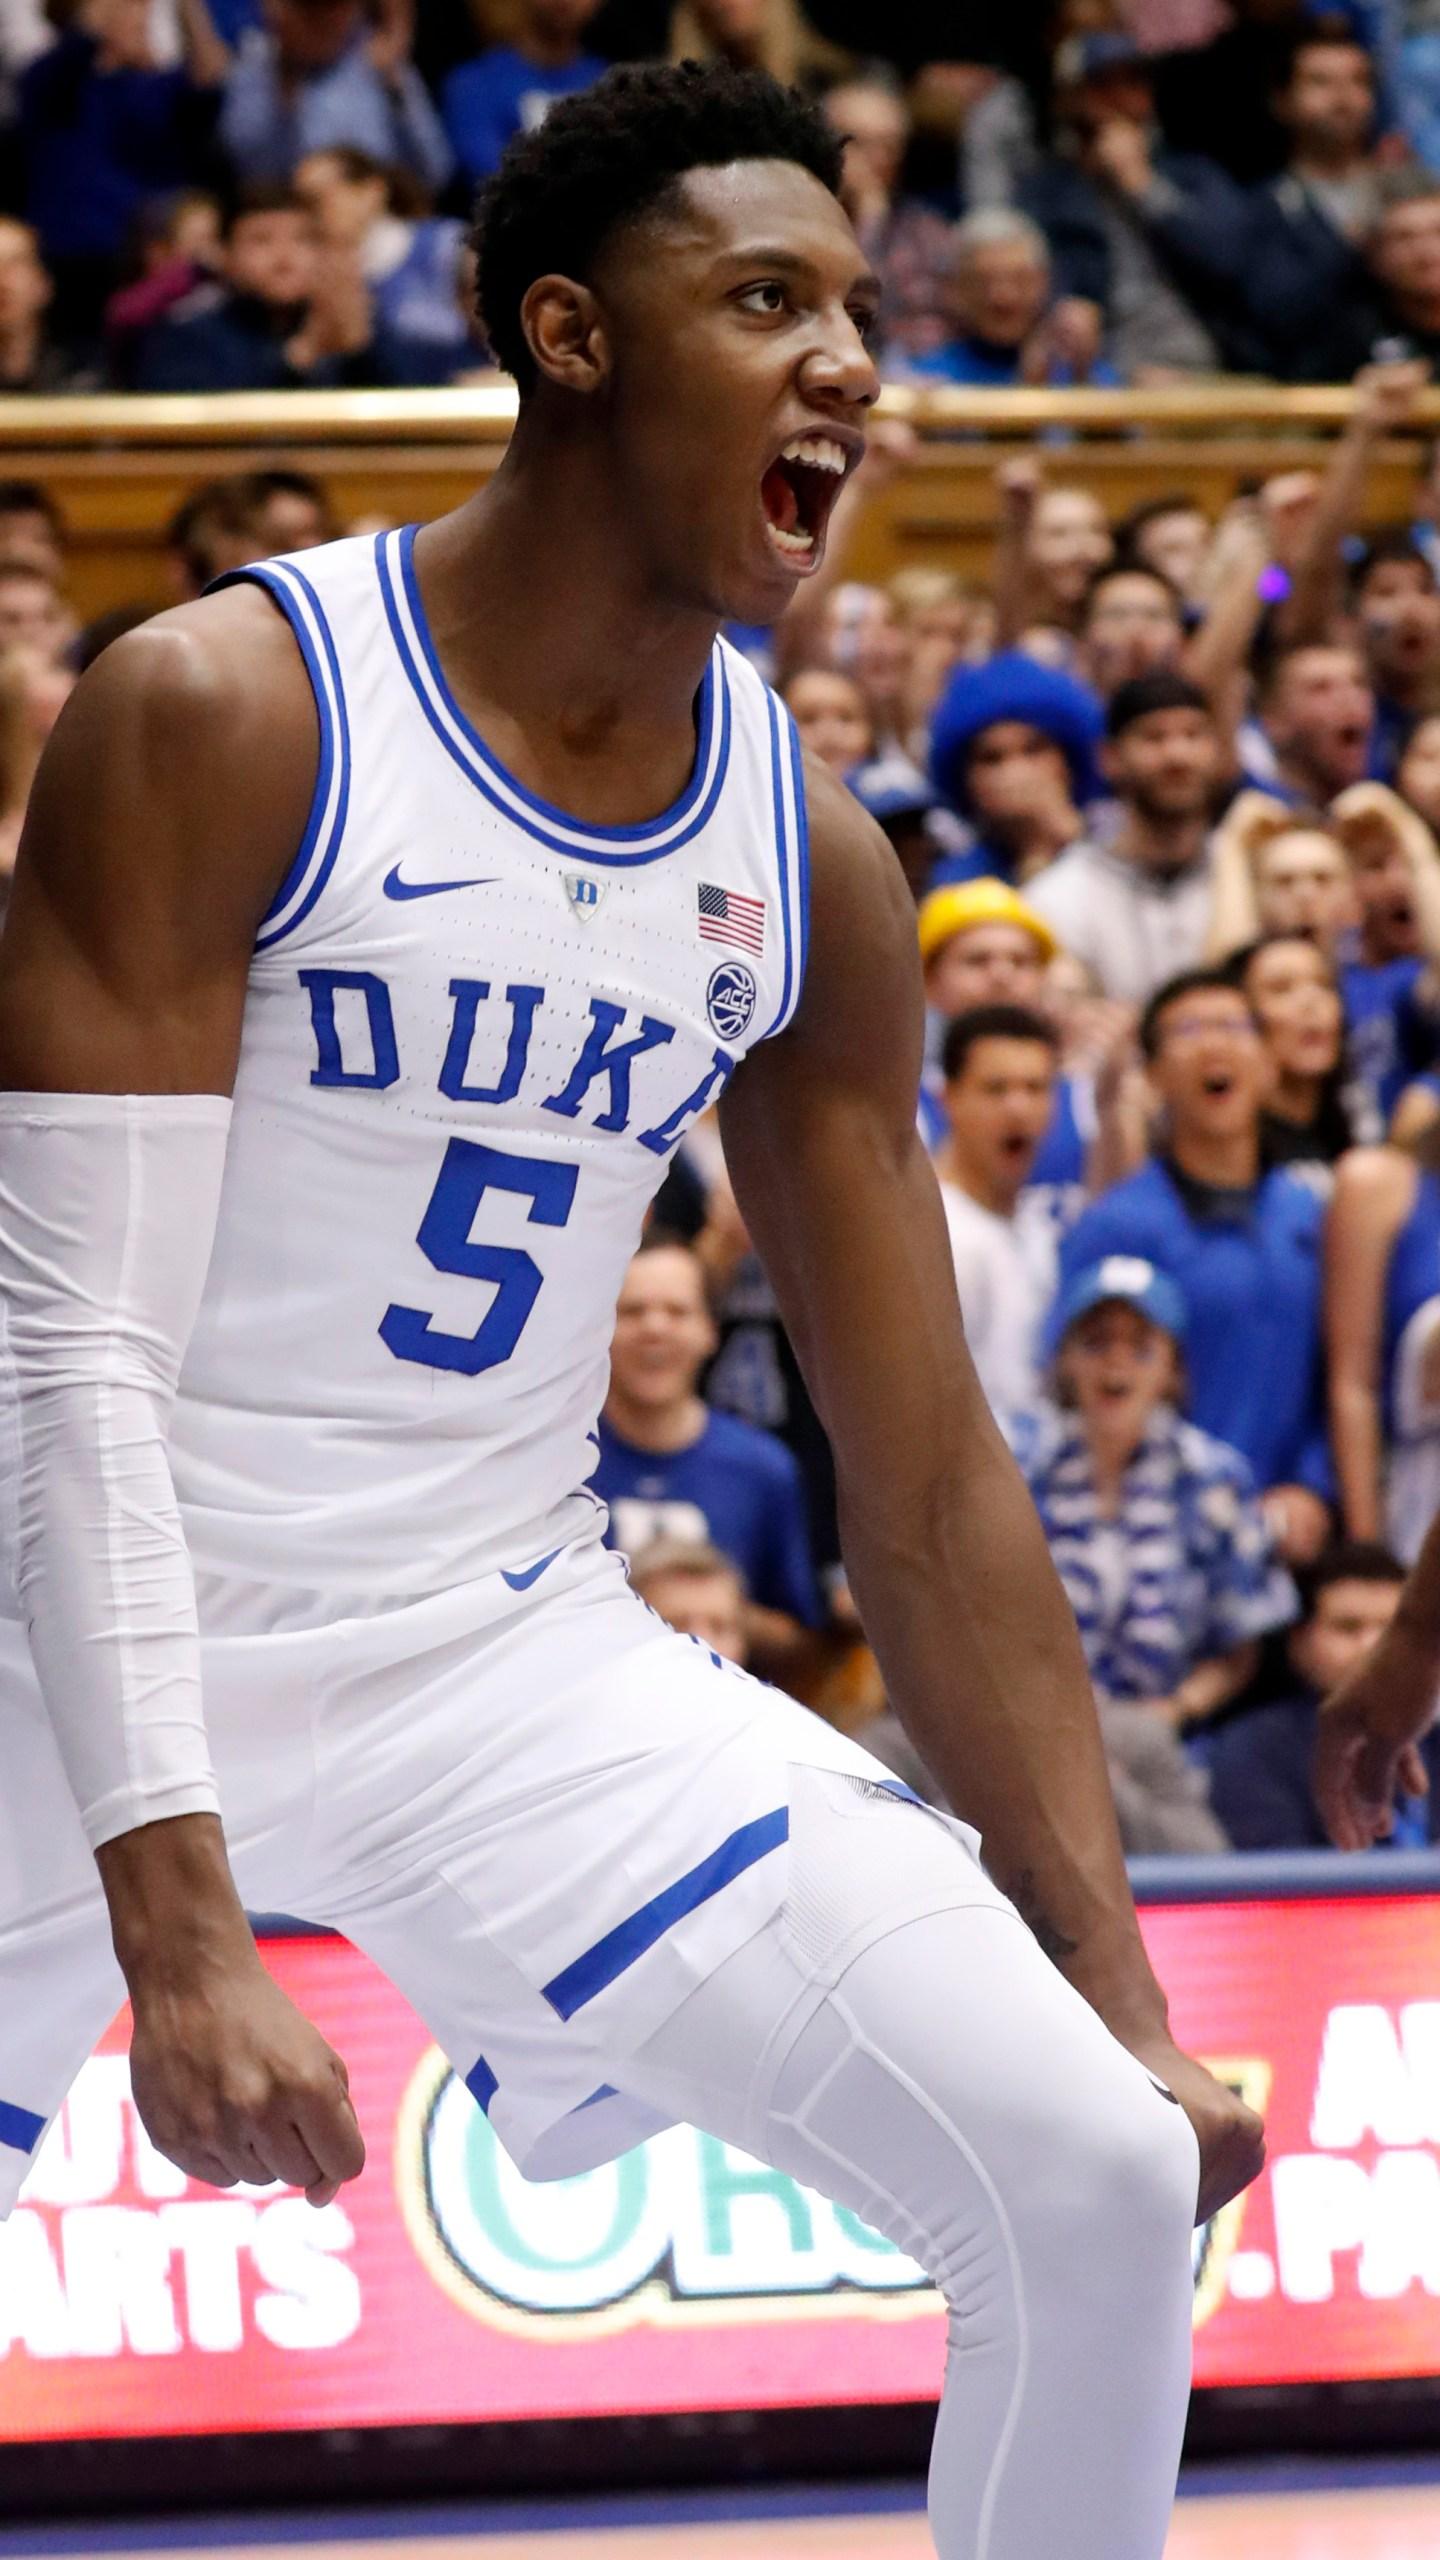 NC_State_Duke_Basketball_08124-159532.jpg36955906